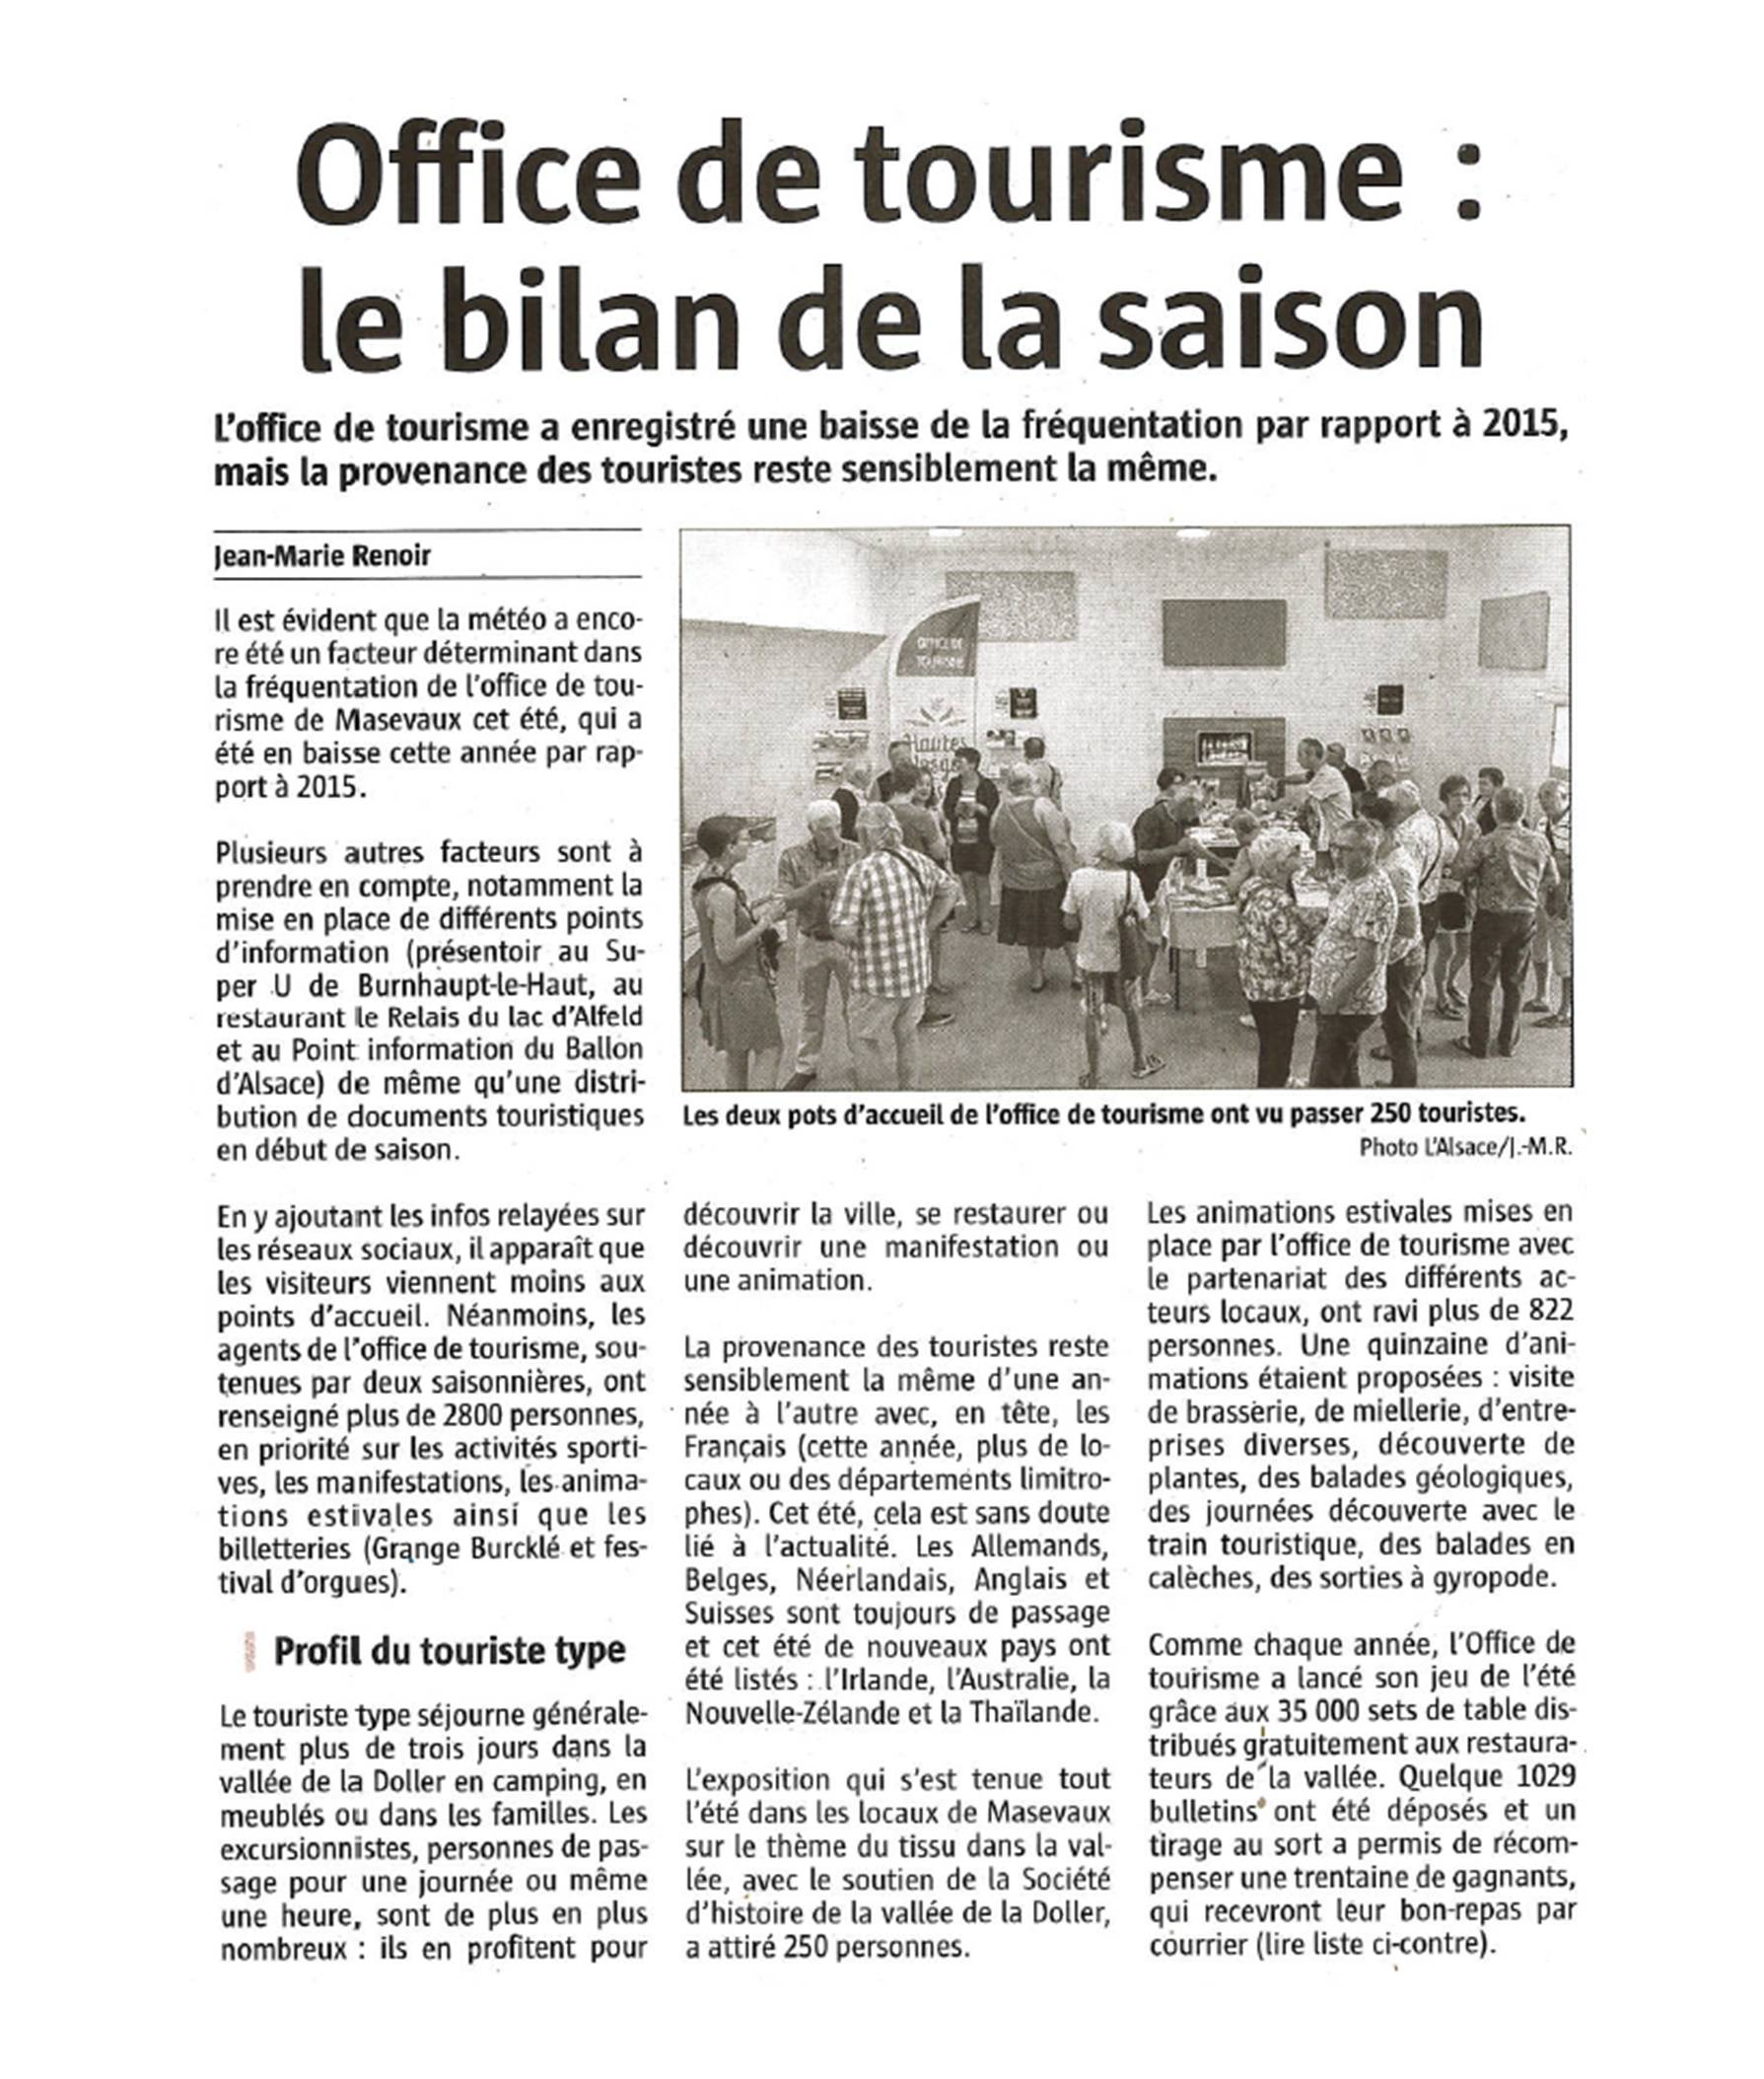 Office de Tourisme, le bilan de la saison - L'Alsace - 22-09-2016